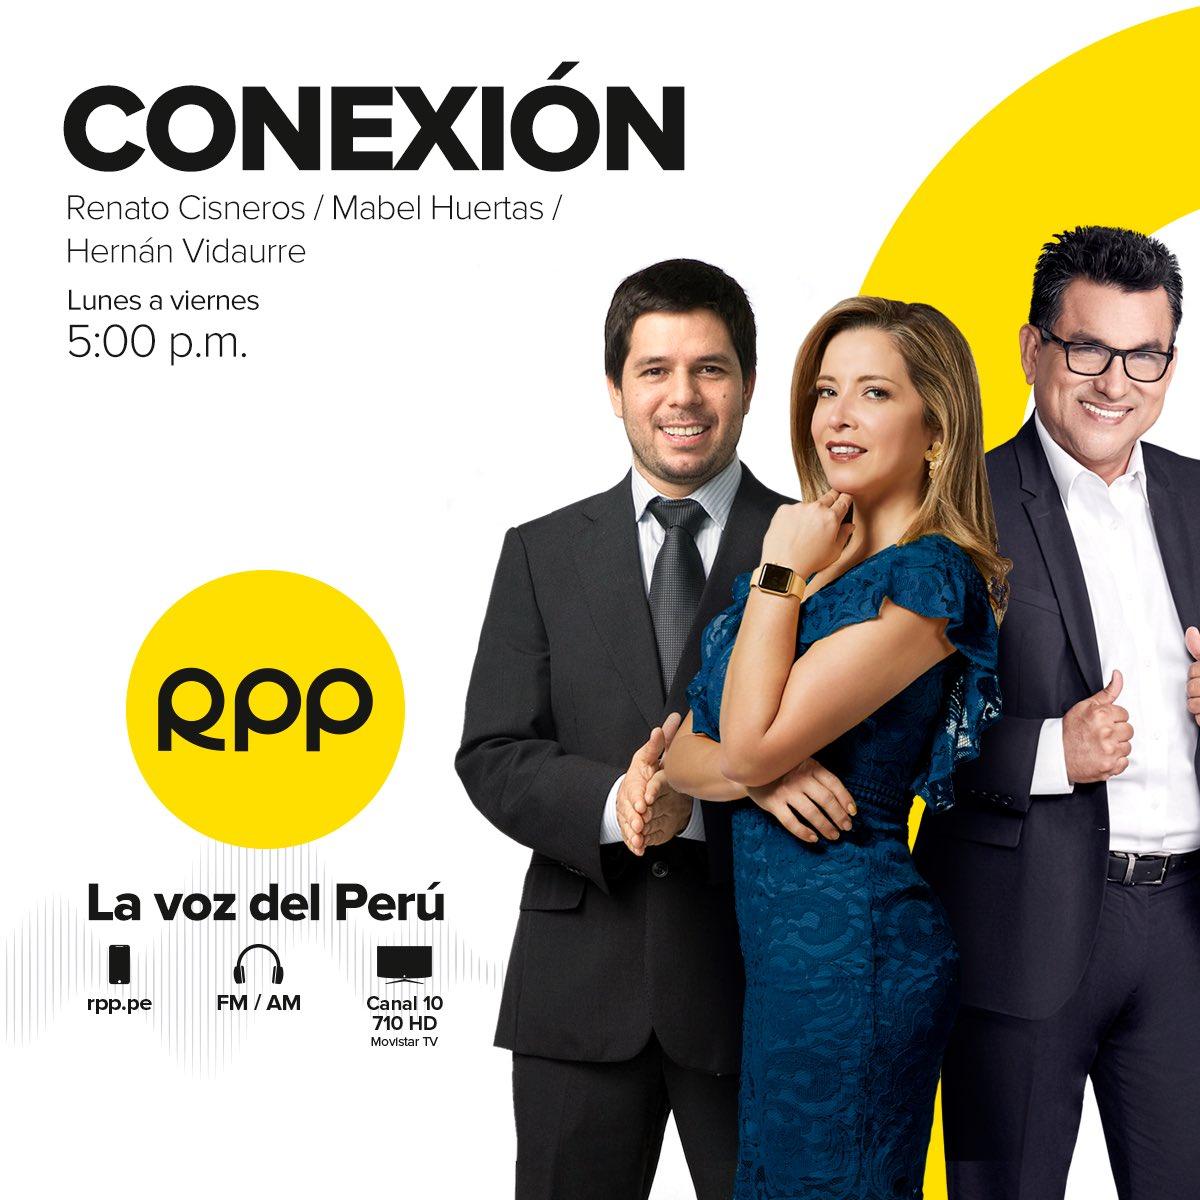 🔴 EN VIVO en #Conexión con @mabel_huertas, @recisneros y Hernán Vidaurre.   ☑ ¡Tu cuarentena bien informado! Escucha el programa 👇   🗣️ RPP, #LaVozDelPerú 🇵🇪   📻 ► 89.7 FM / 730 AM  📲 Vía web ►